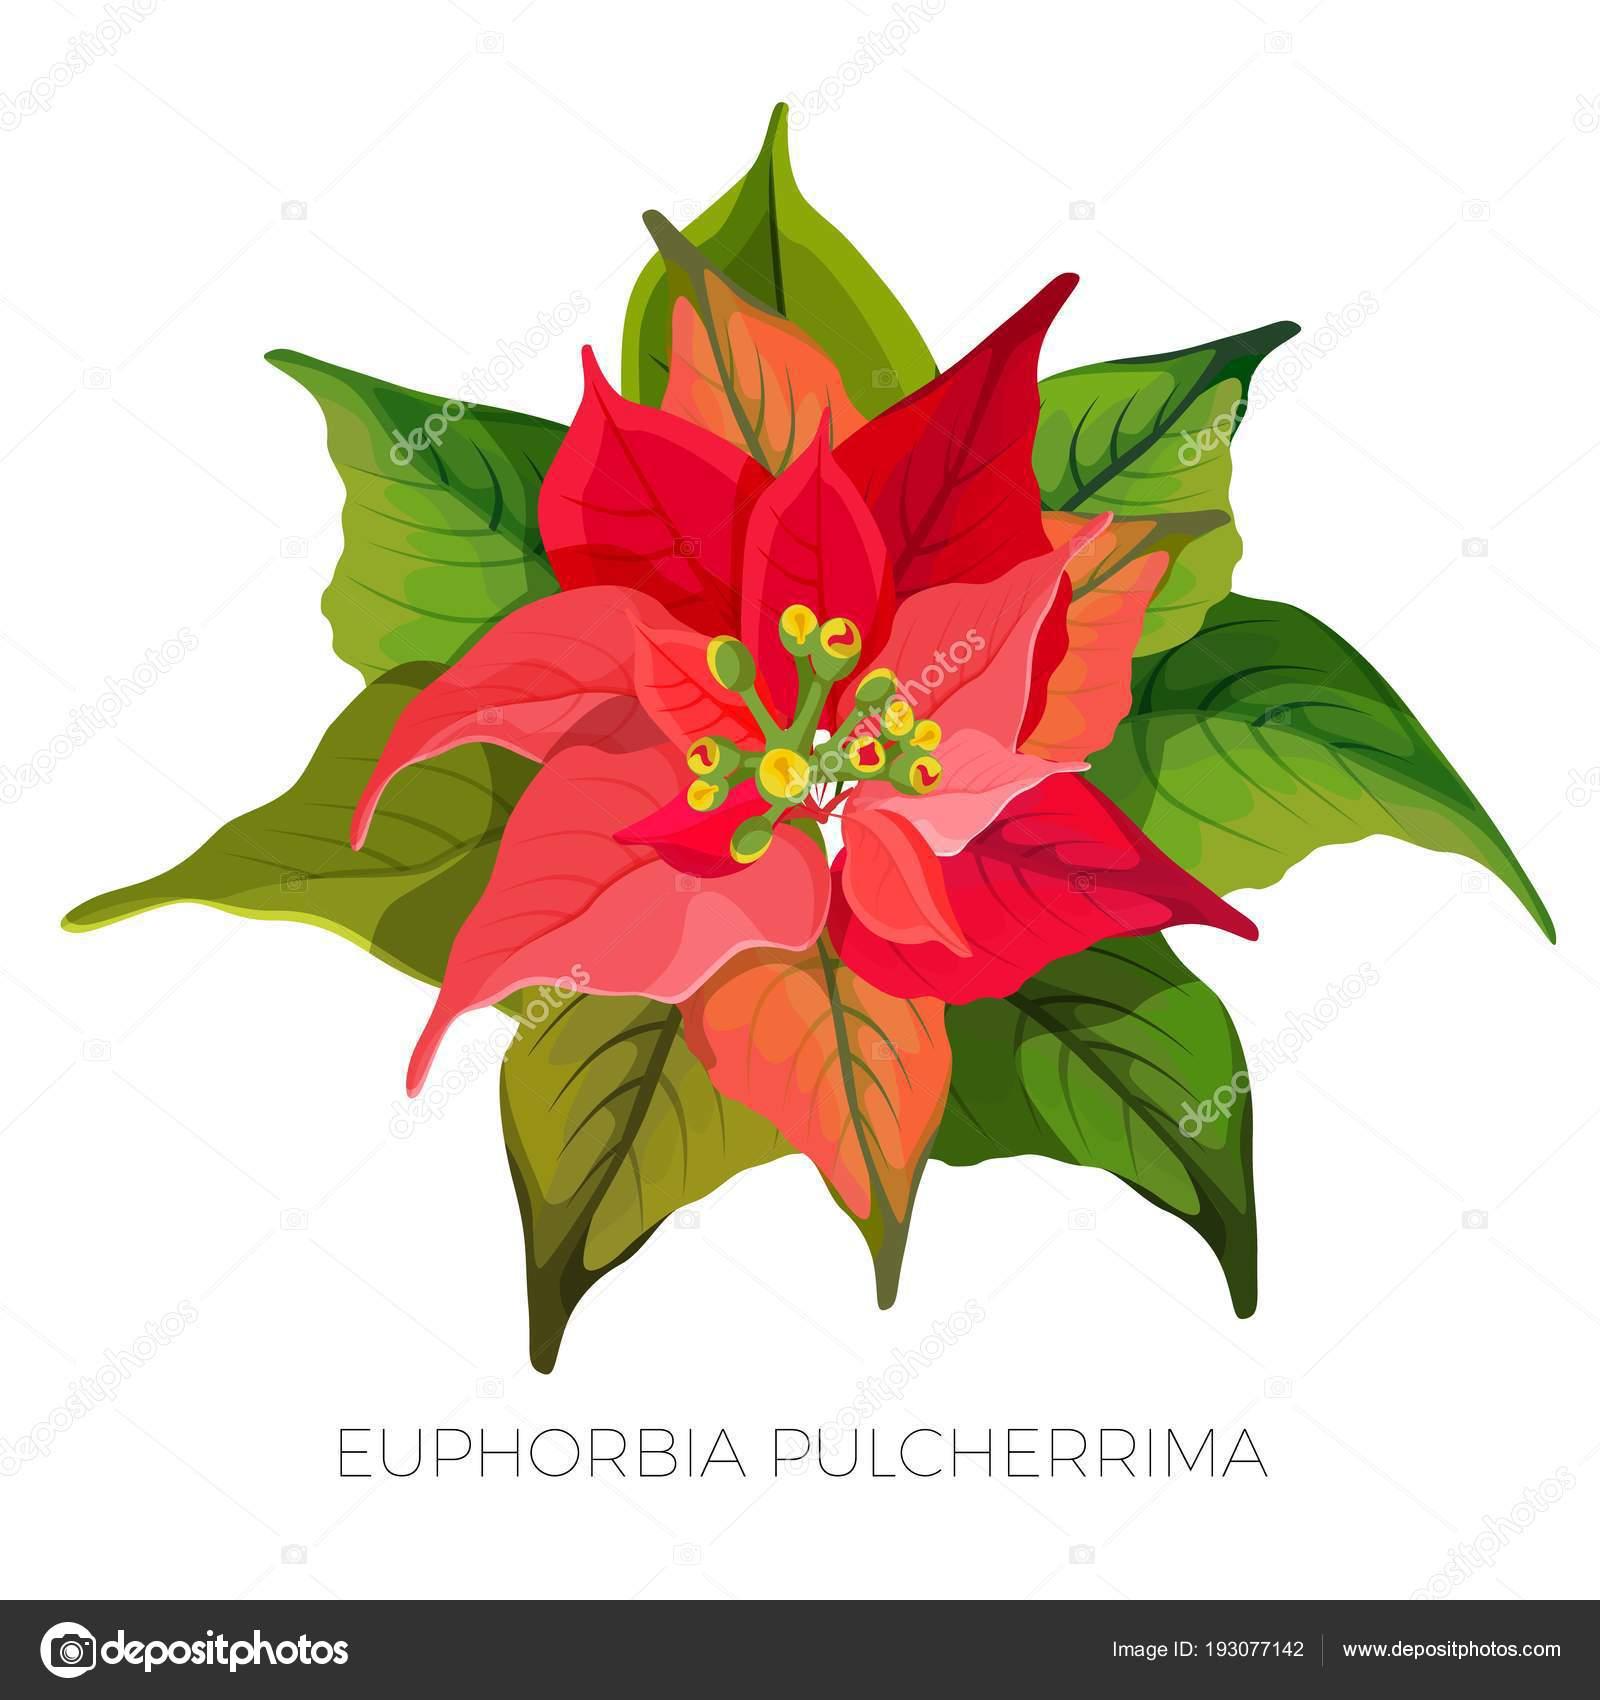 euphorbia pulcherrima pflanze mit roten und gr nen. Black Bedroom Furniture Sets. Home Design Ideas